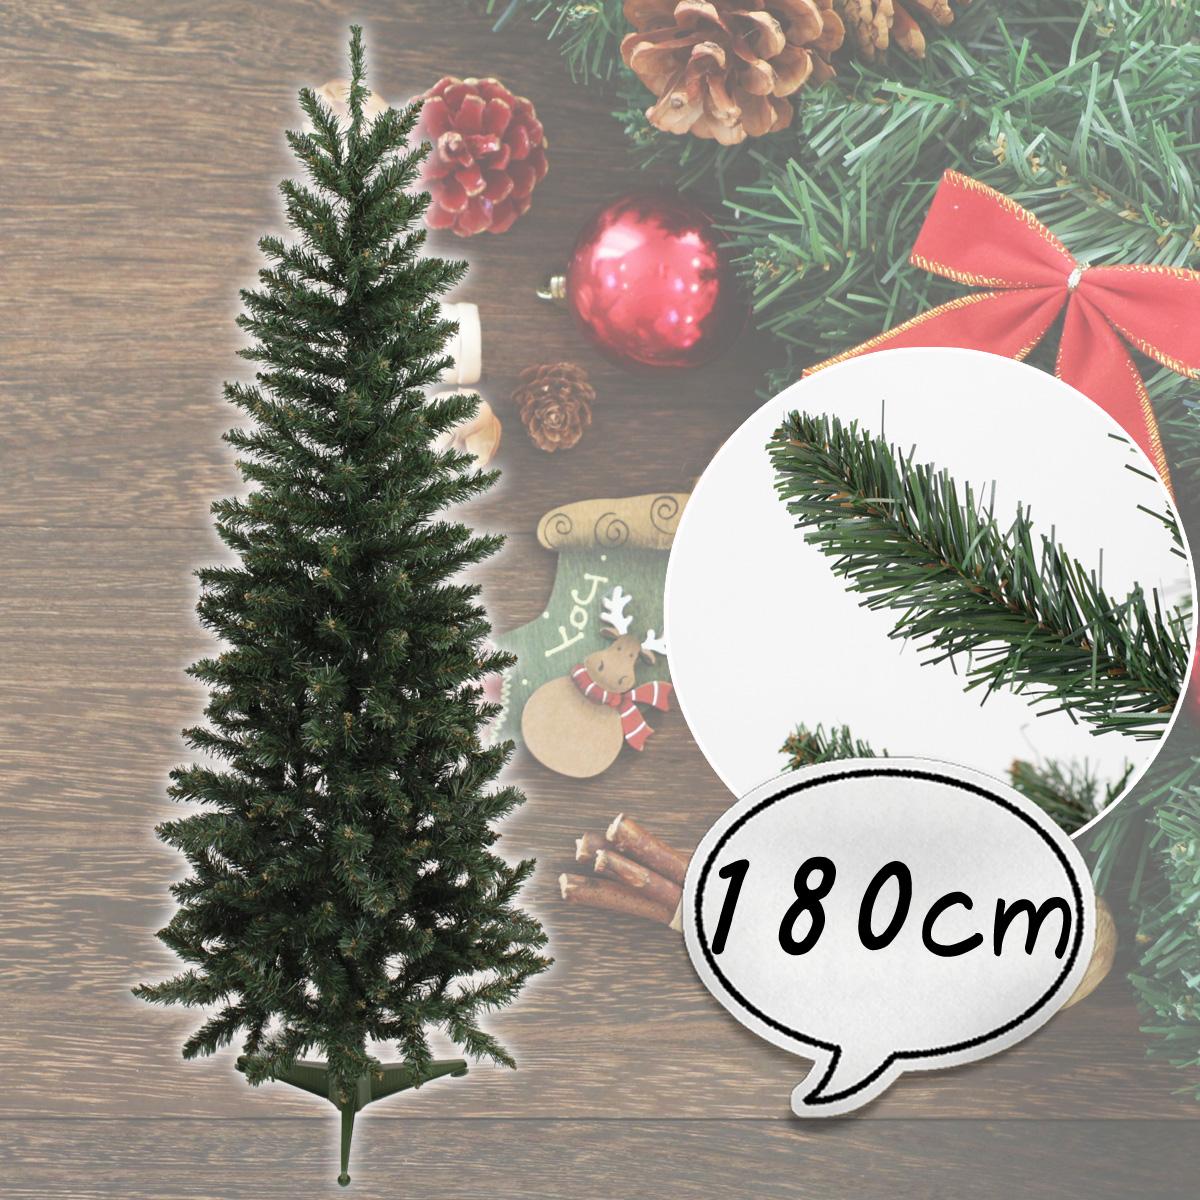 クリスマスツリー 180cm クラシカル スリムツリー ツリーの木 北欧 おしゃれ